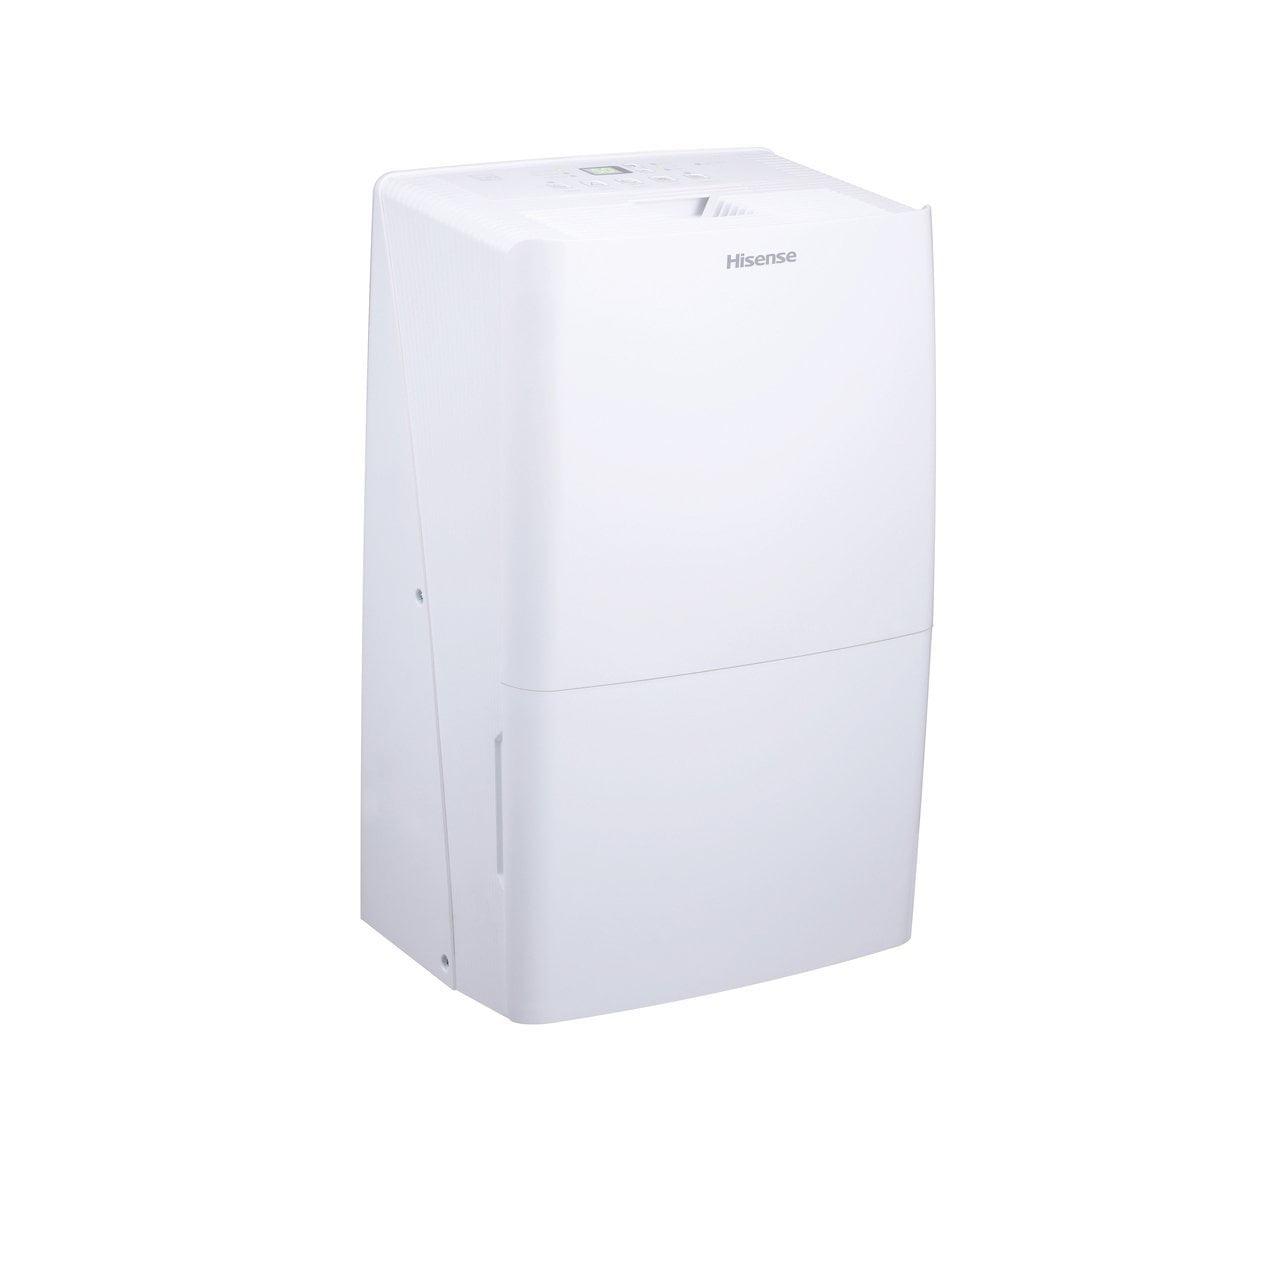 Hisense 50 pint 2-speed dehumidifier (DH50K1W)